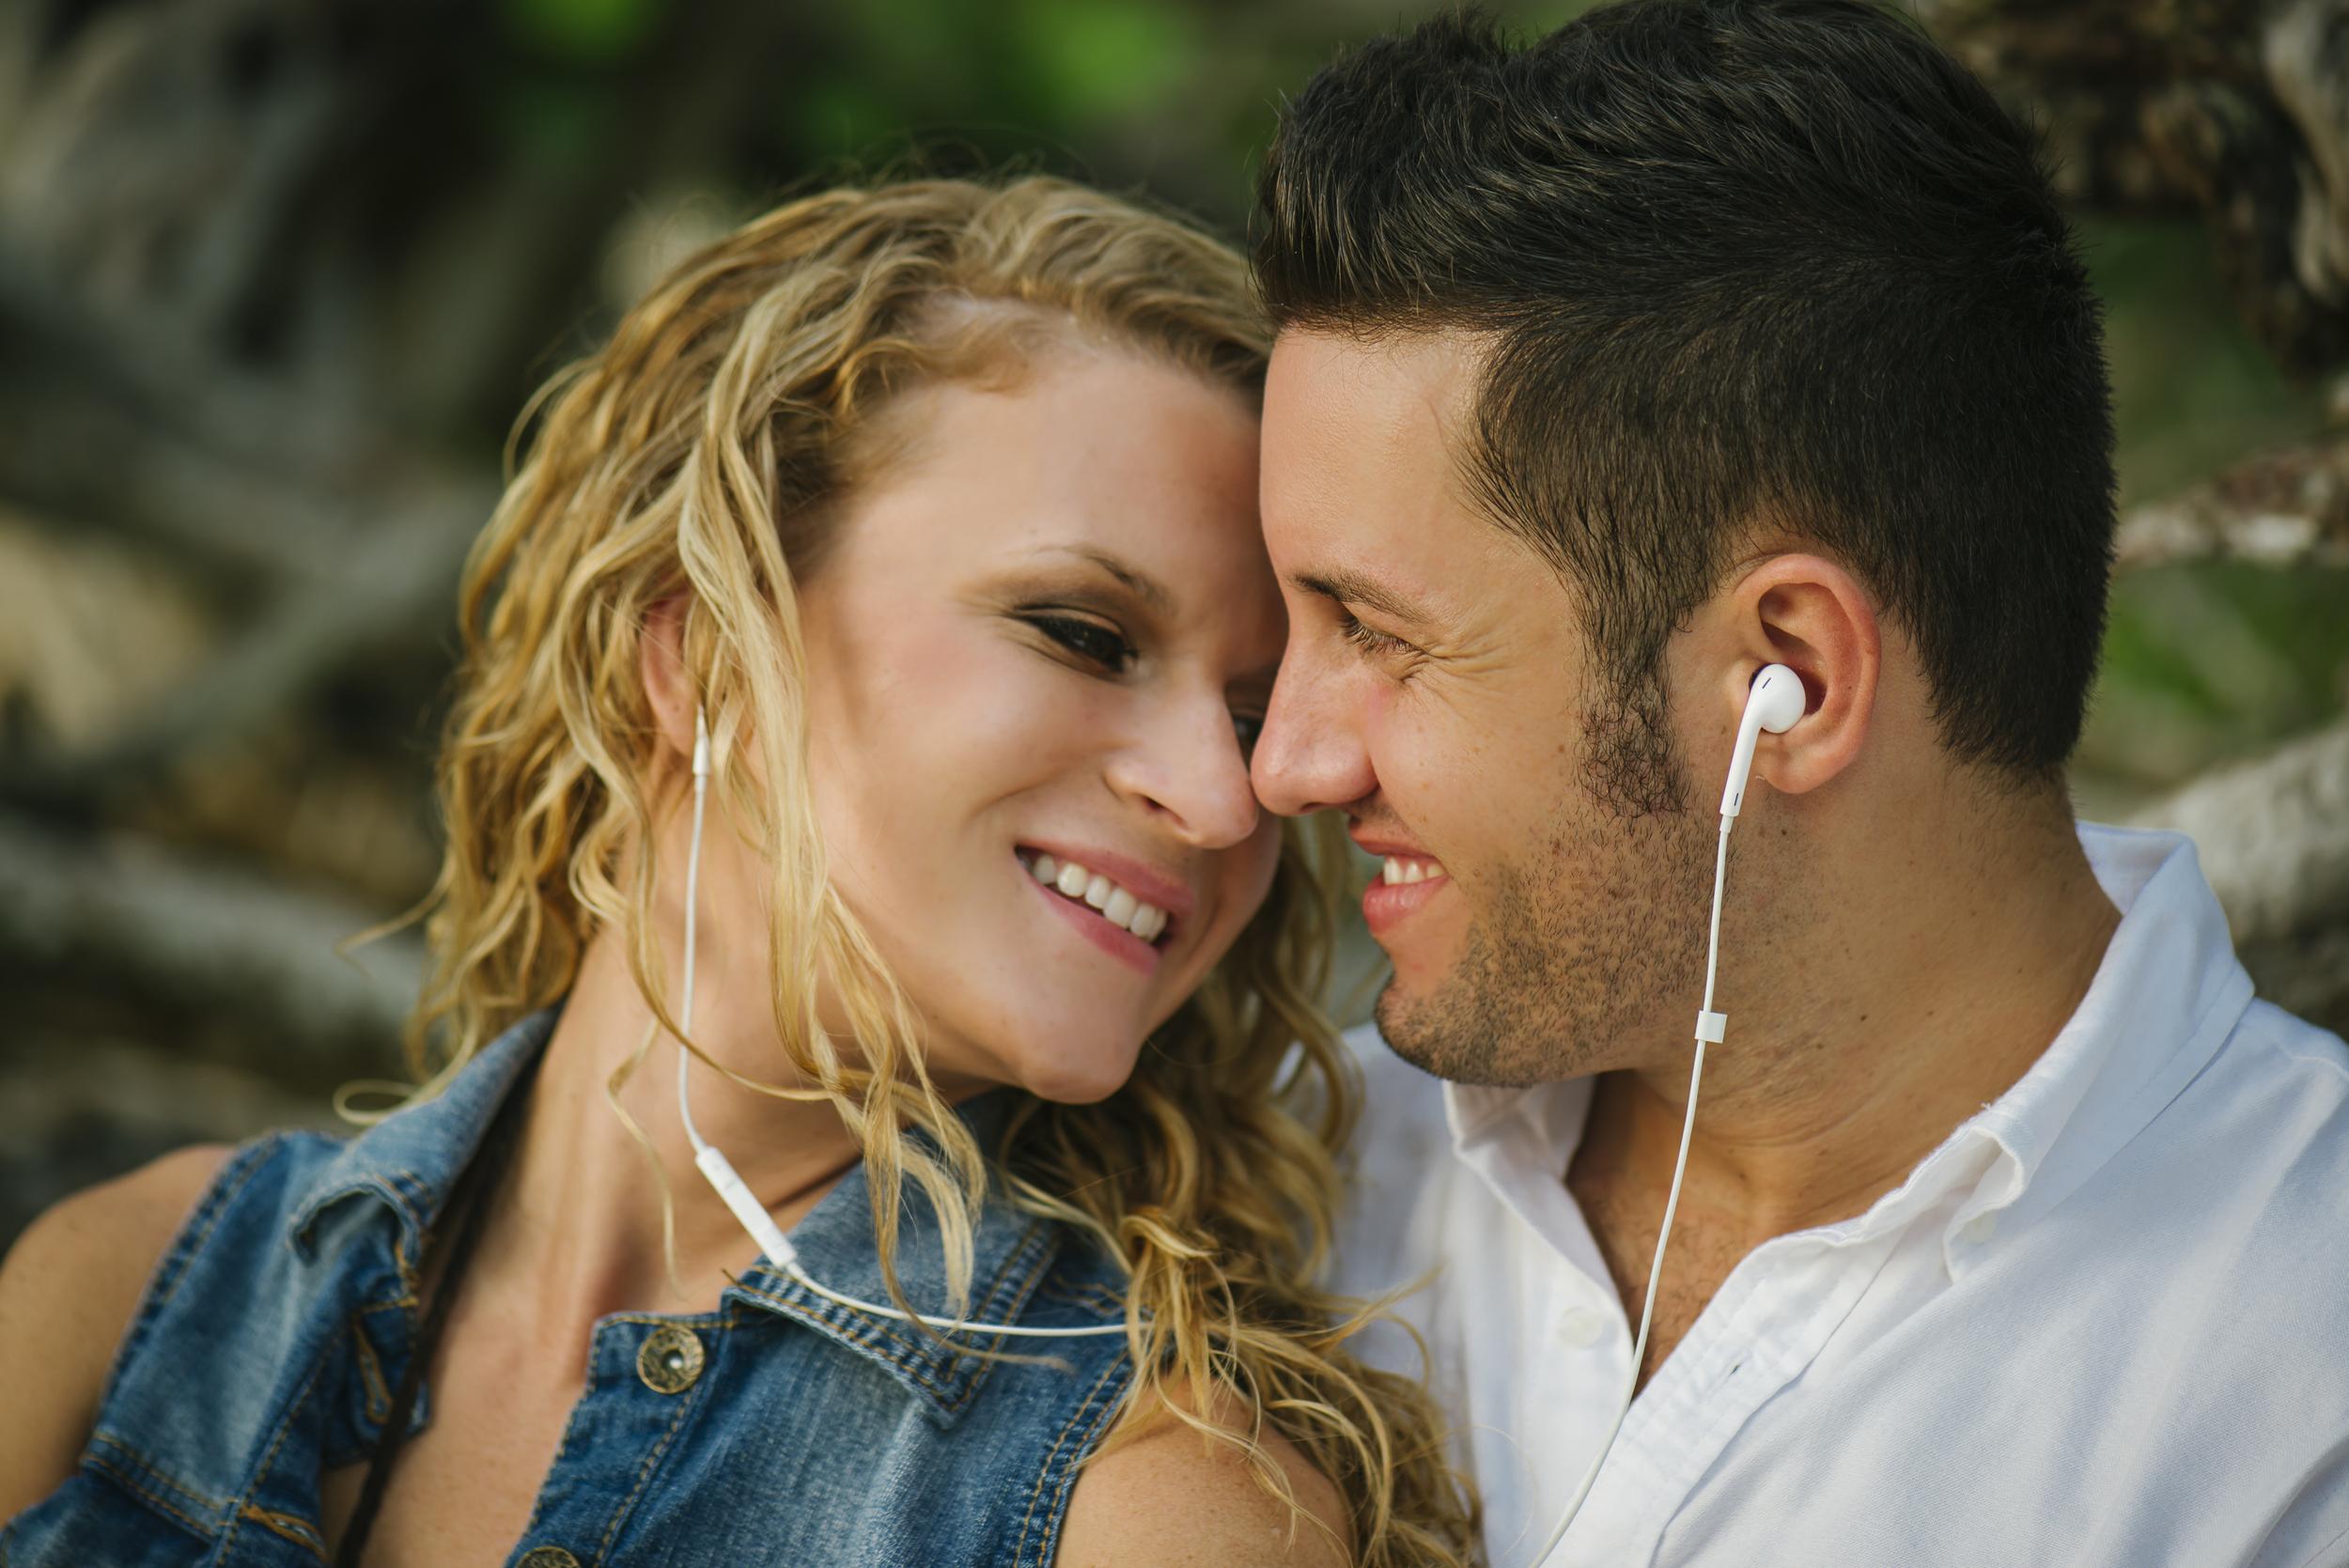 ipod earbud couple photo